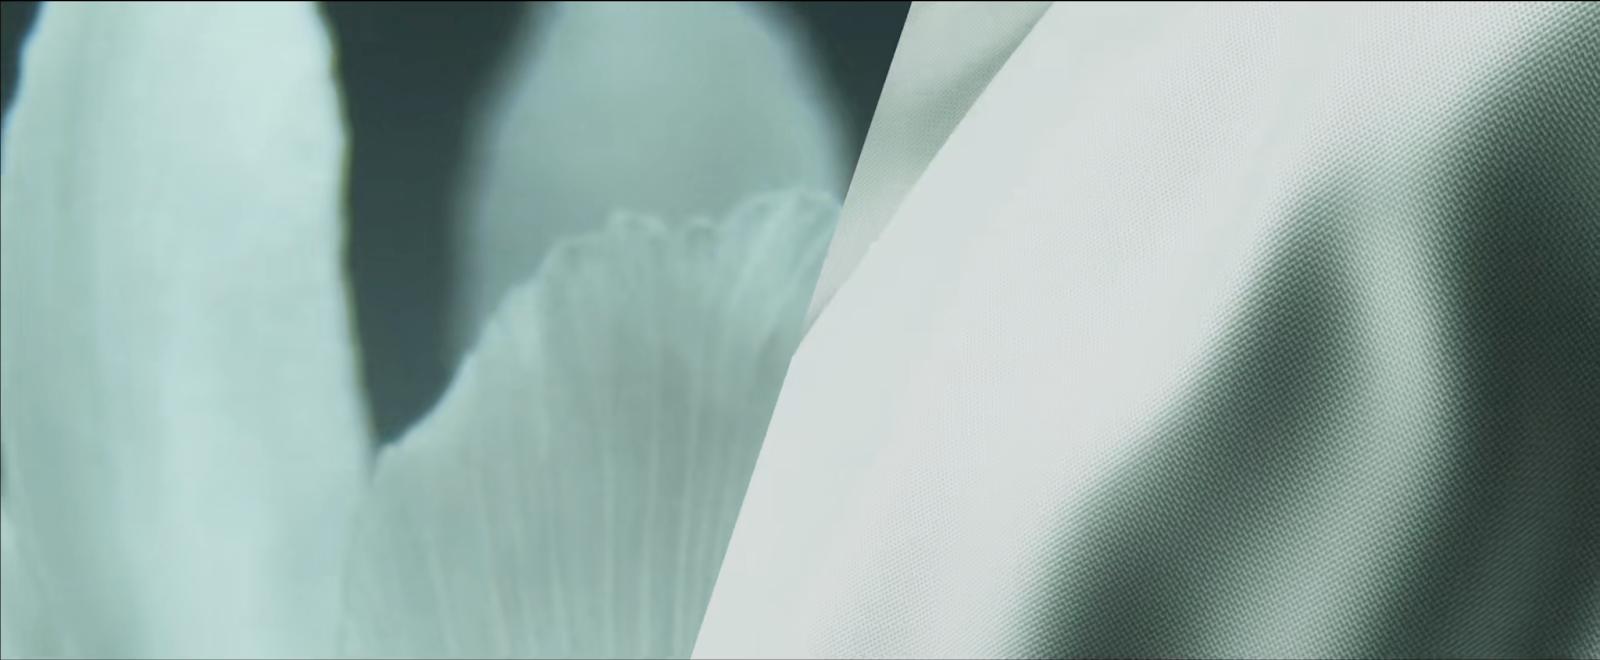 Screenshot of video after optimisation